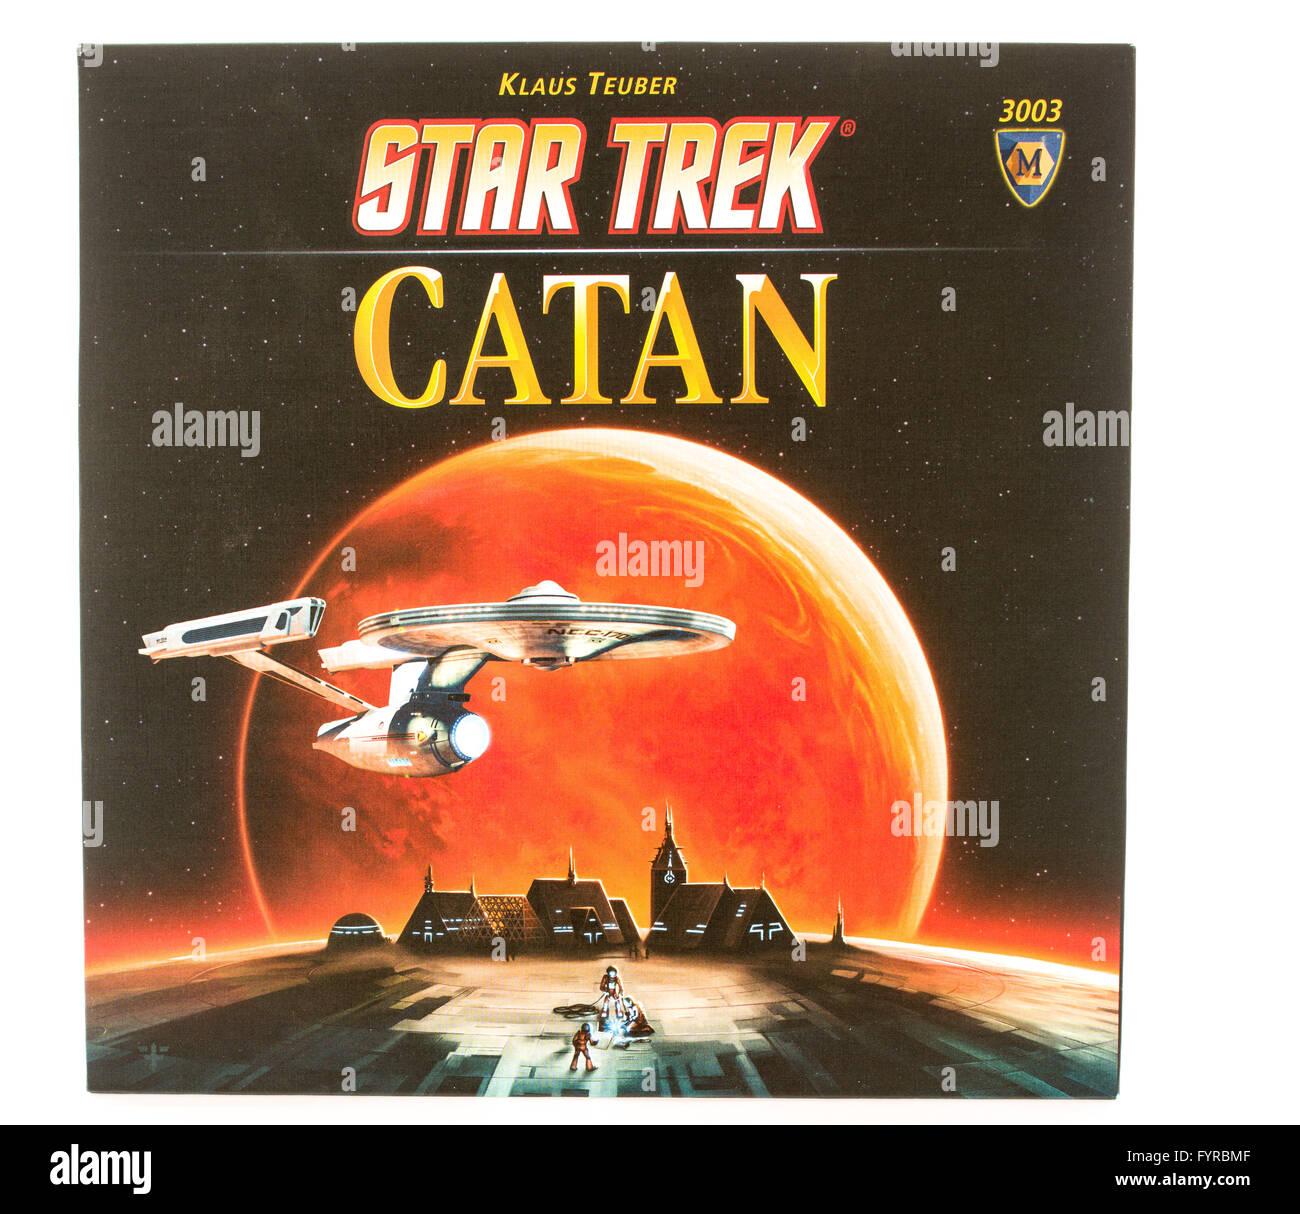 Winneconni, WI - 12 juin 2015: fort de la populaire jeu de Catane dans Star Trek edition. Banque D'Images